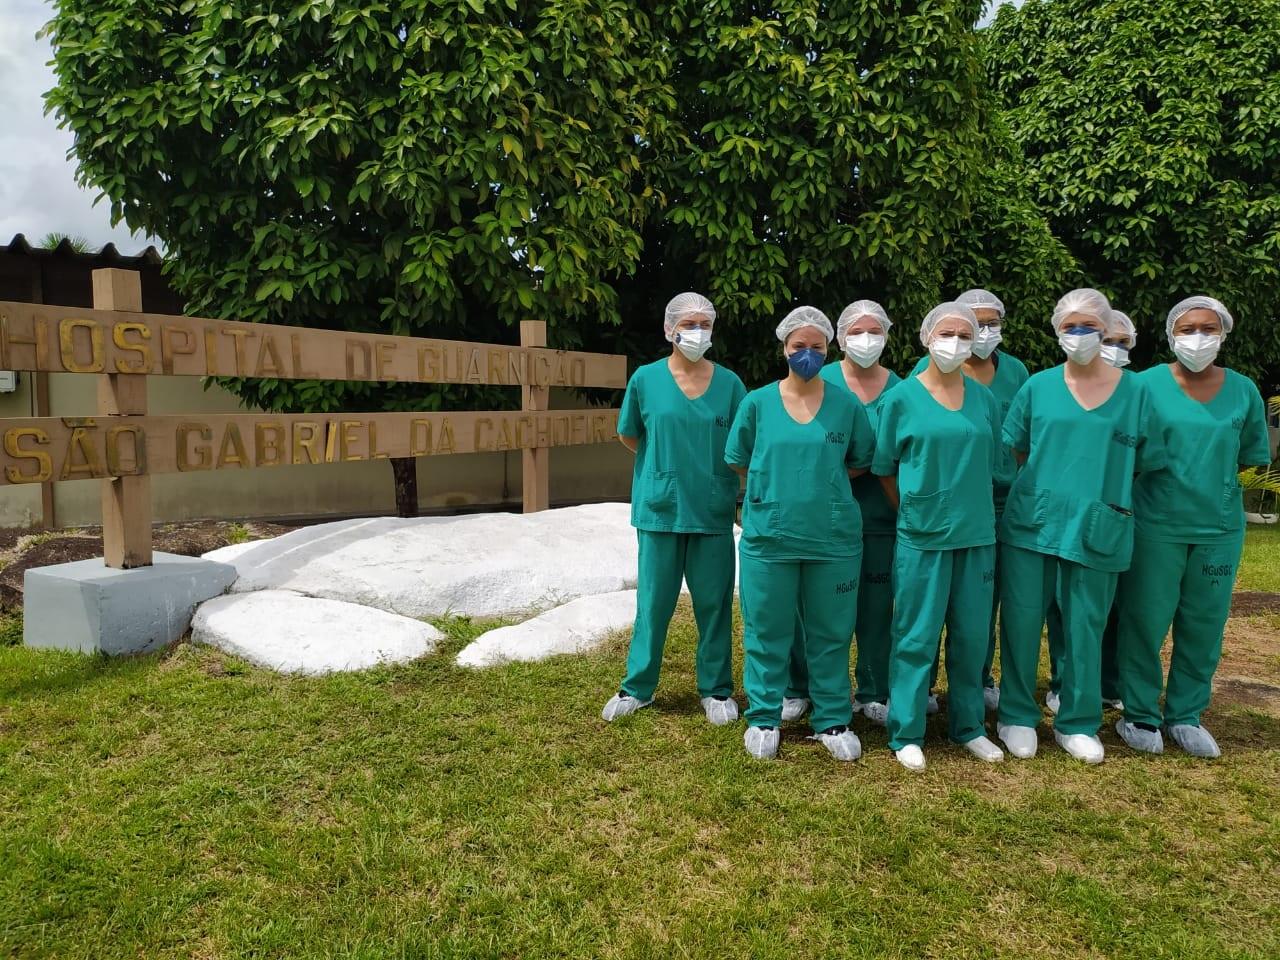 Profissionais e saúde do Exército reforçam equipes do Hospital de Guarnição de São Gabriel da Cachoeira, no Amazonas